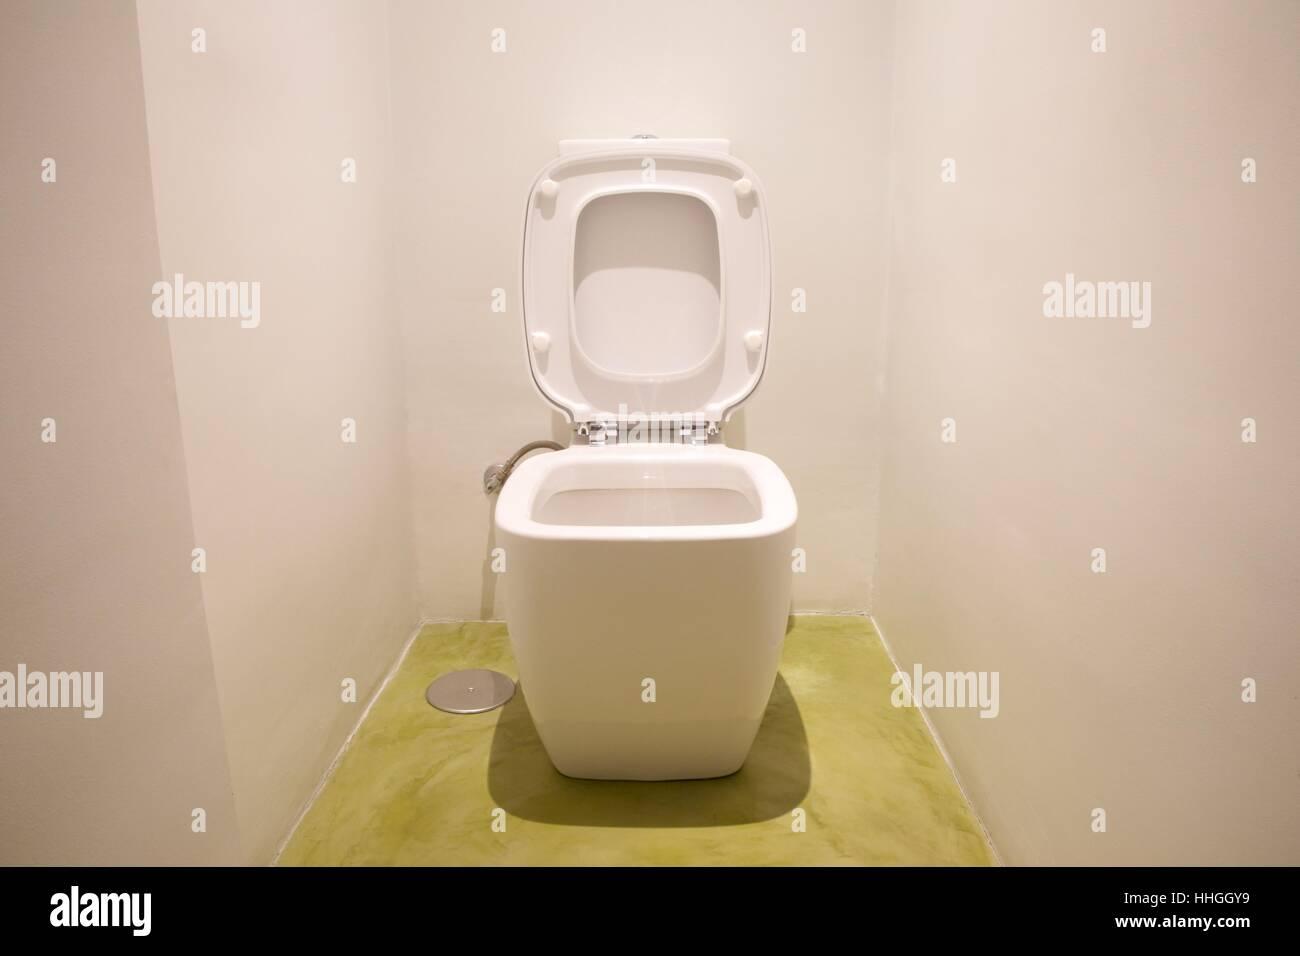 Elegant toilet stock photos & elegant toilet stock images alamy